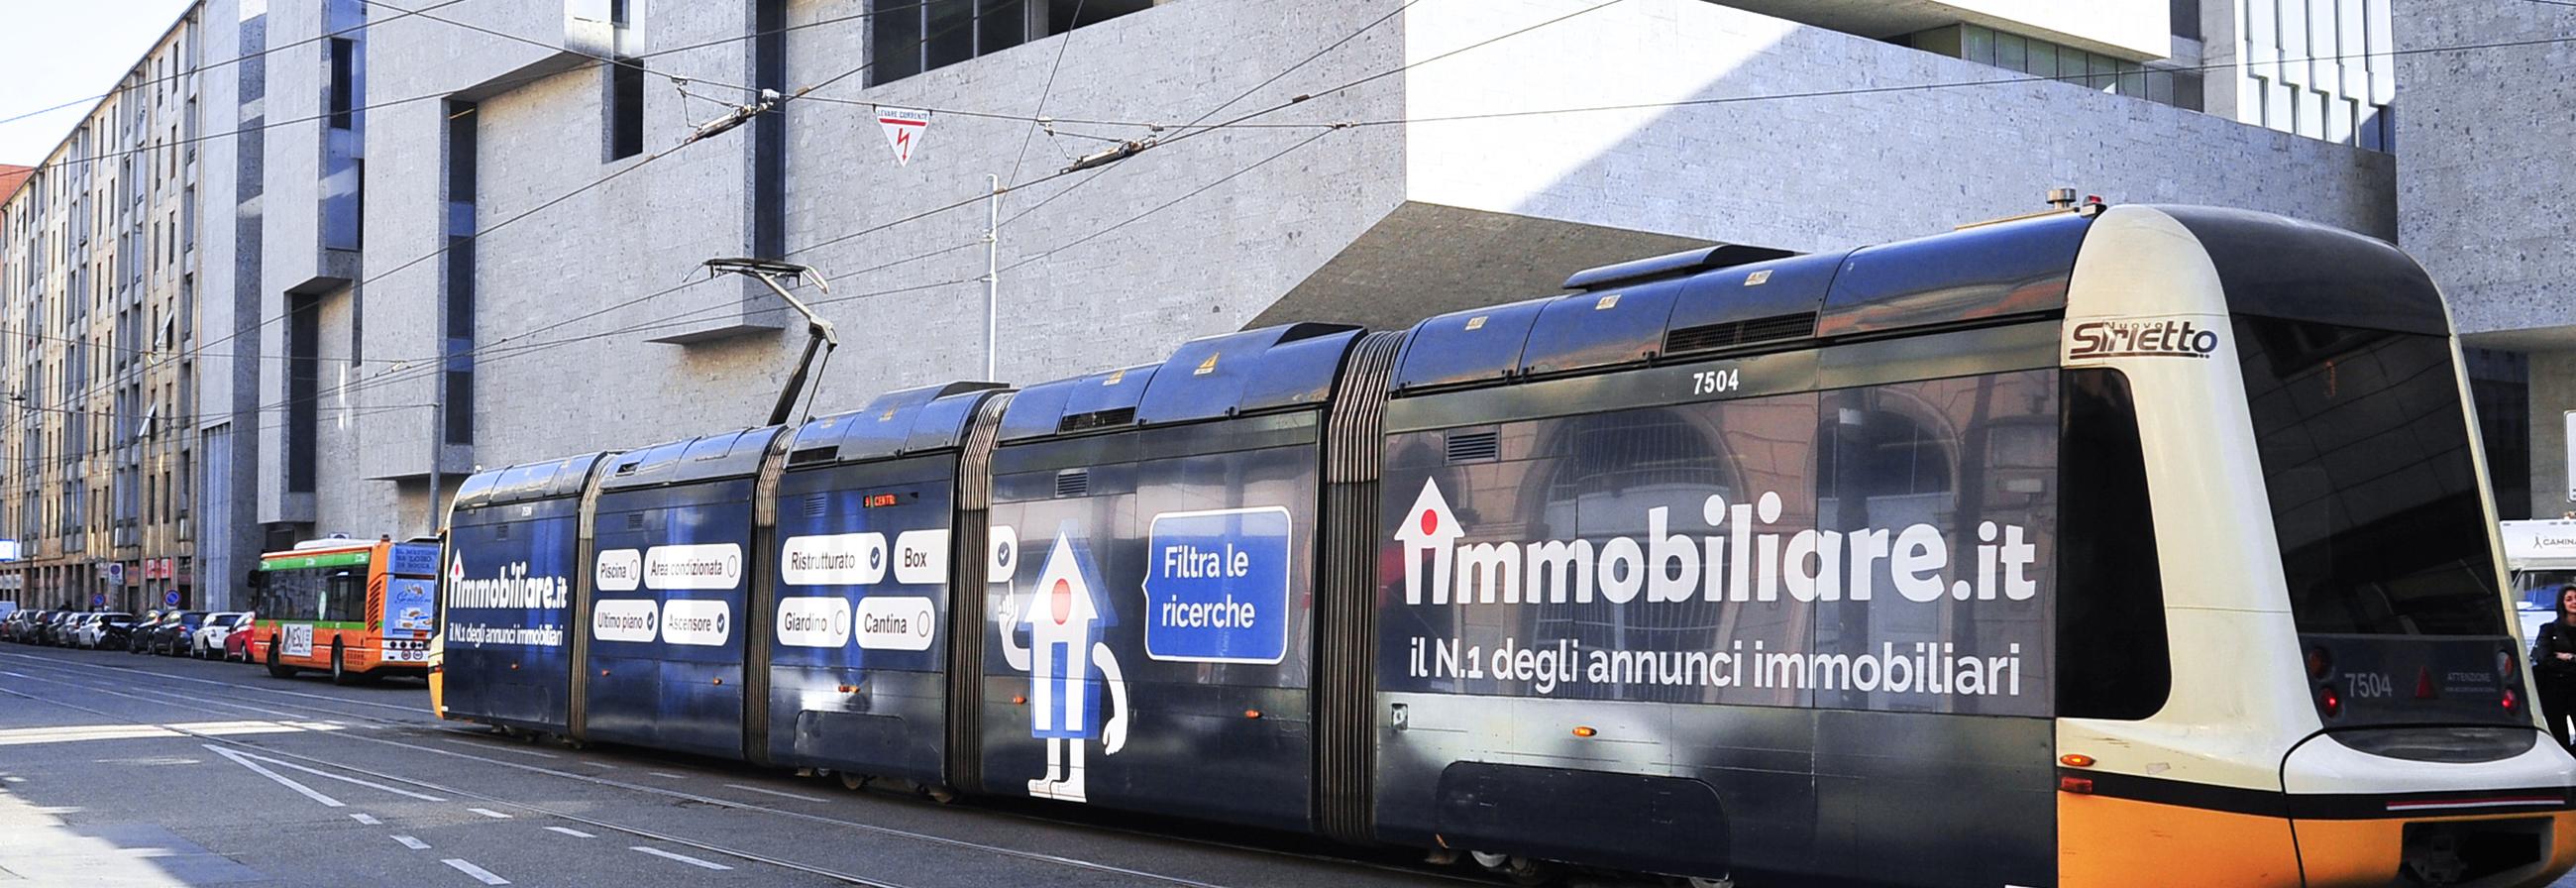 Vetture decorate a Milano per Immobiliare.it